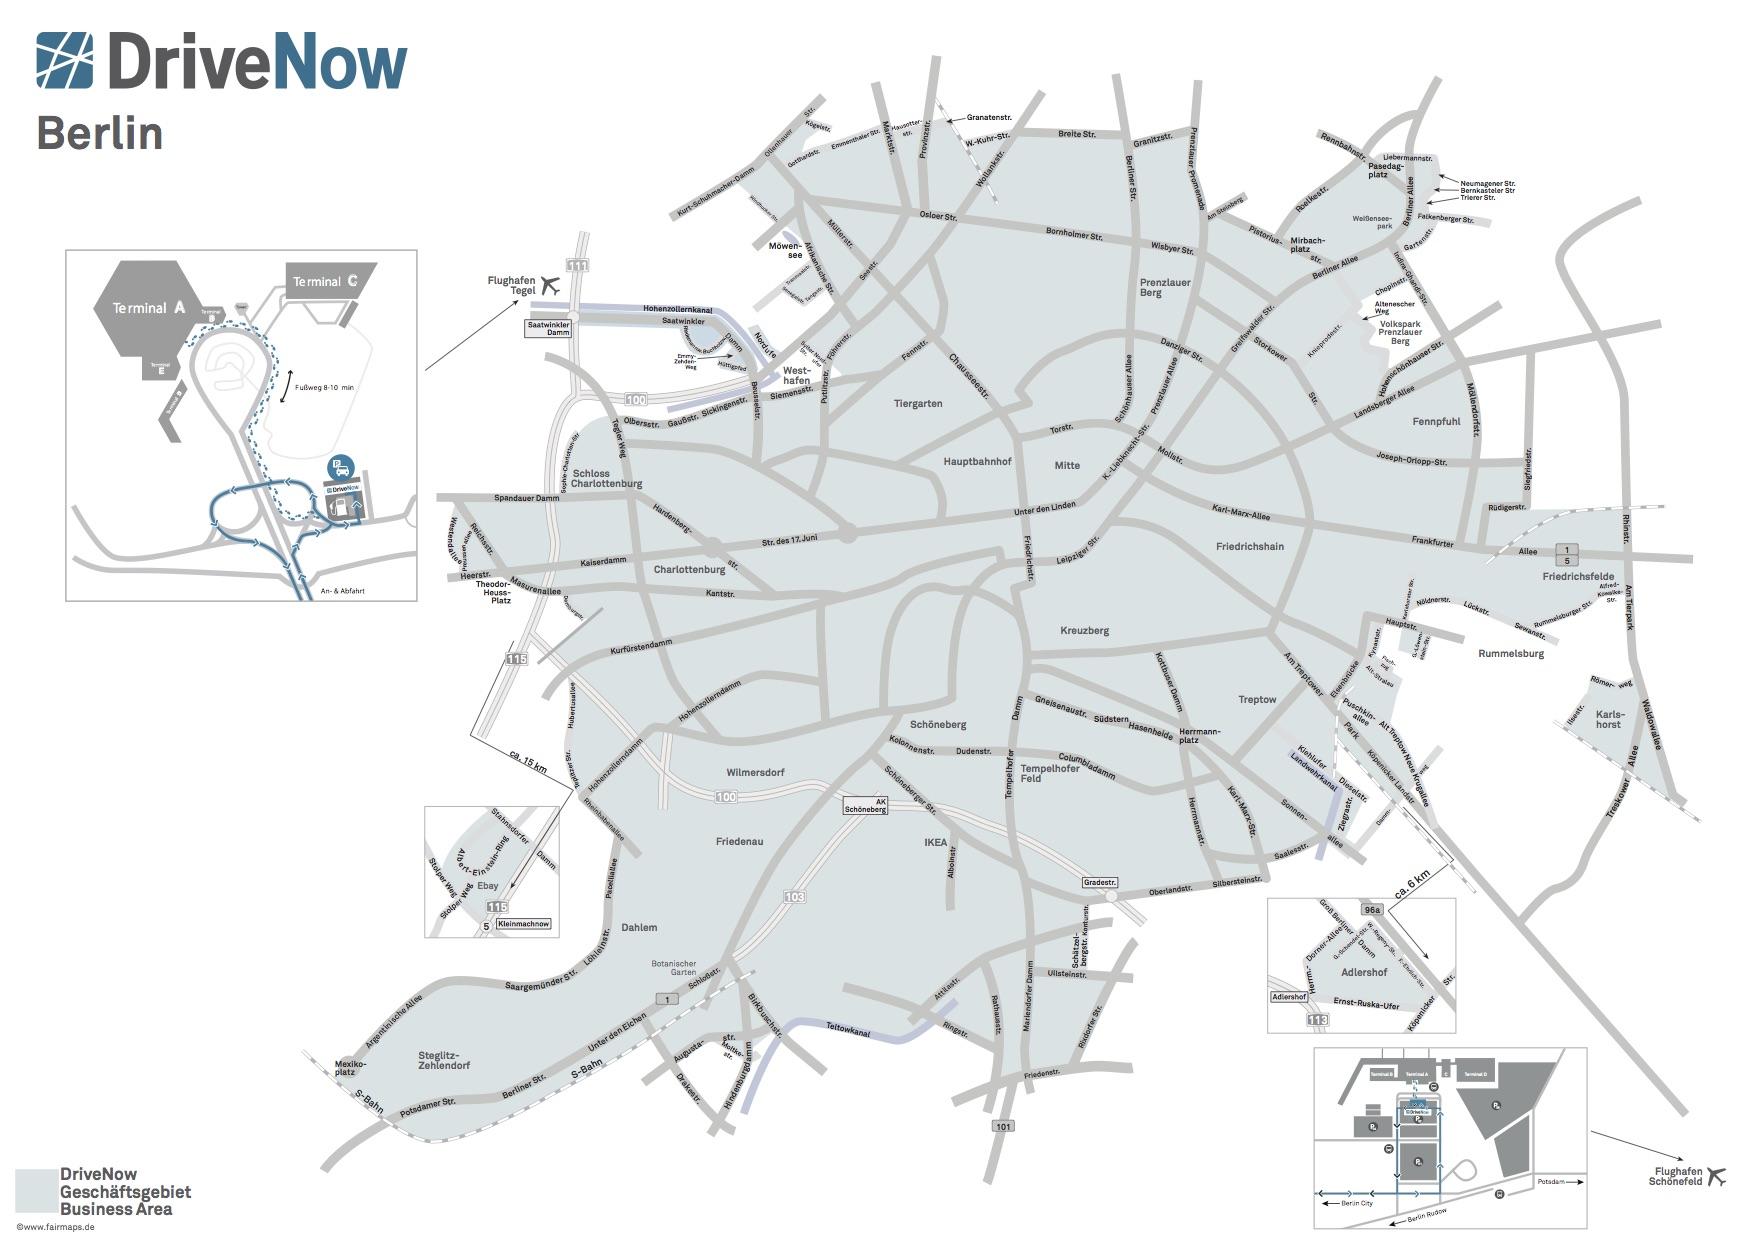 DriveNow_Geschaeftsgebiet_Berlin